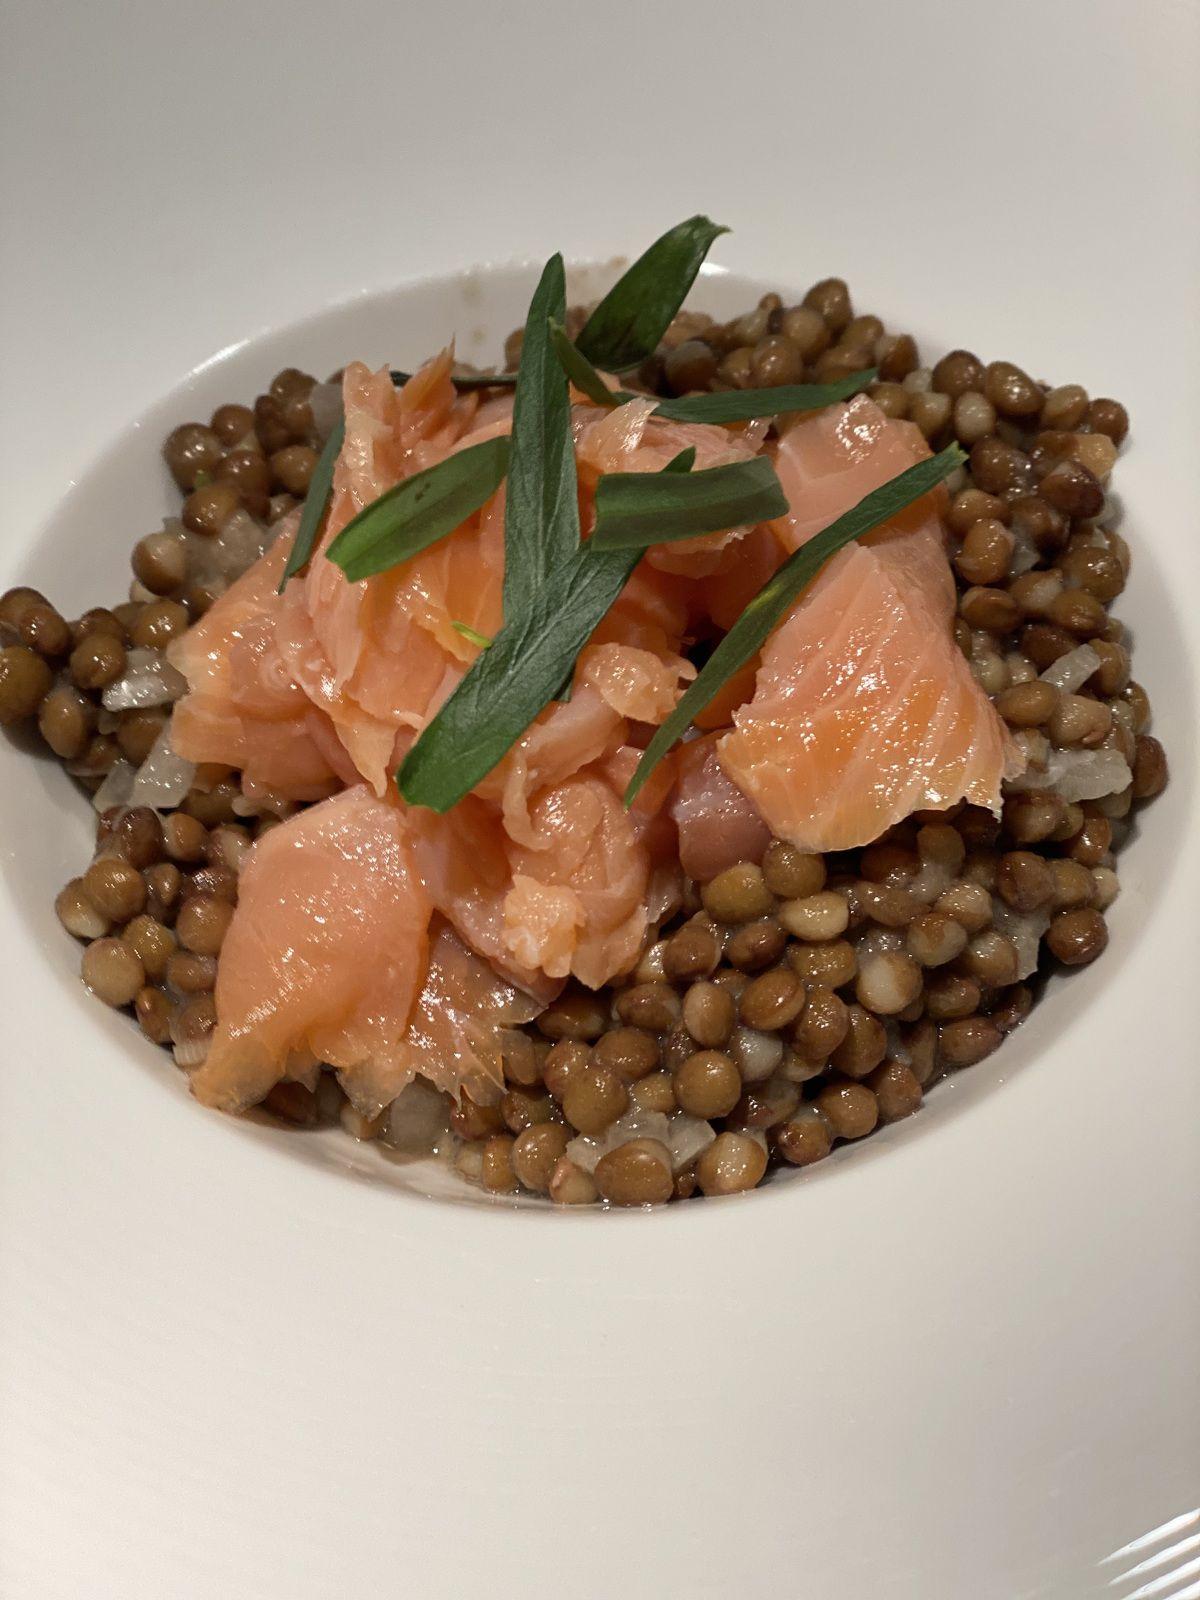 Salade de lentilles & saumon fumé       5💚 1💙 💜